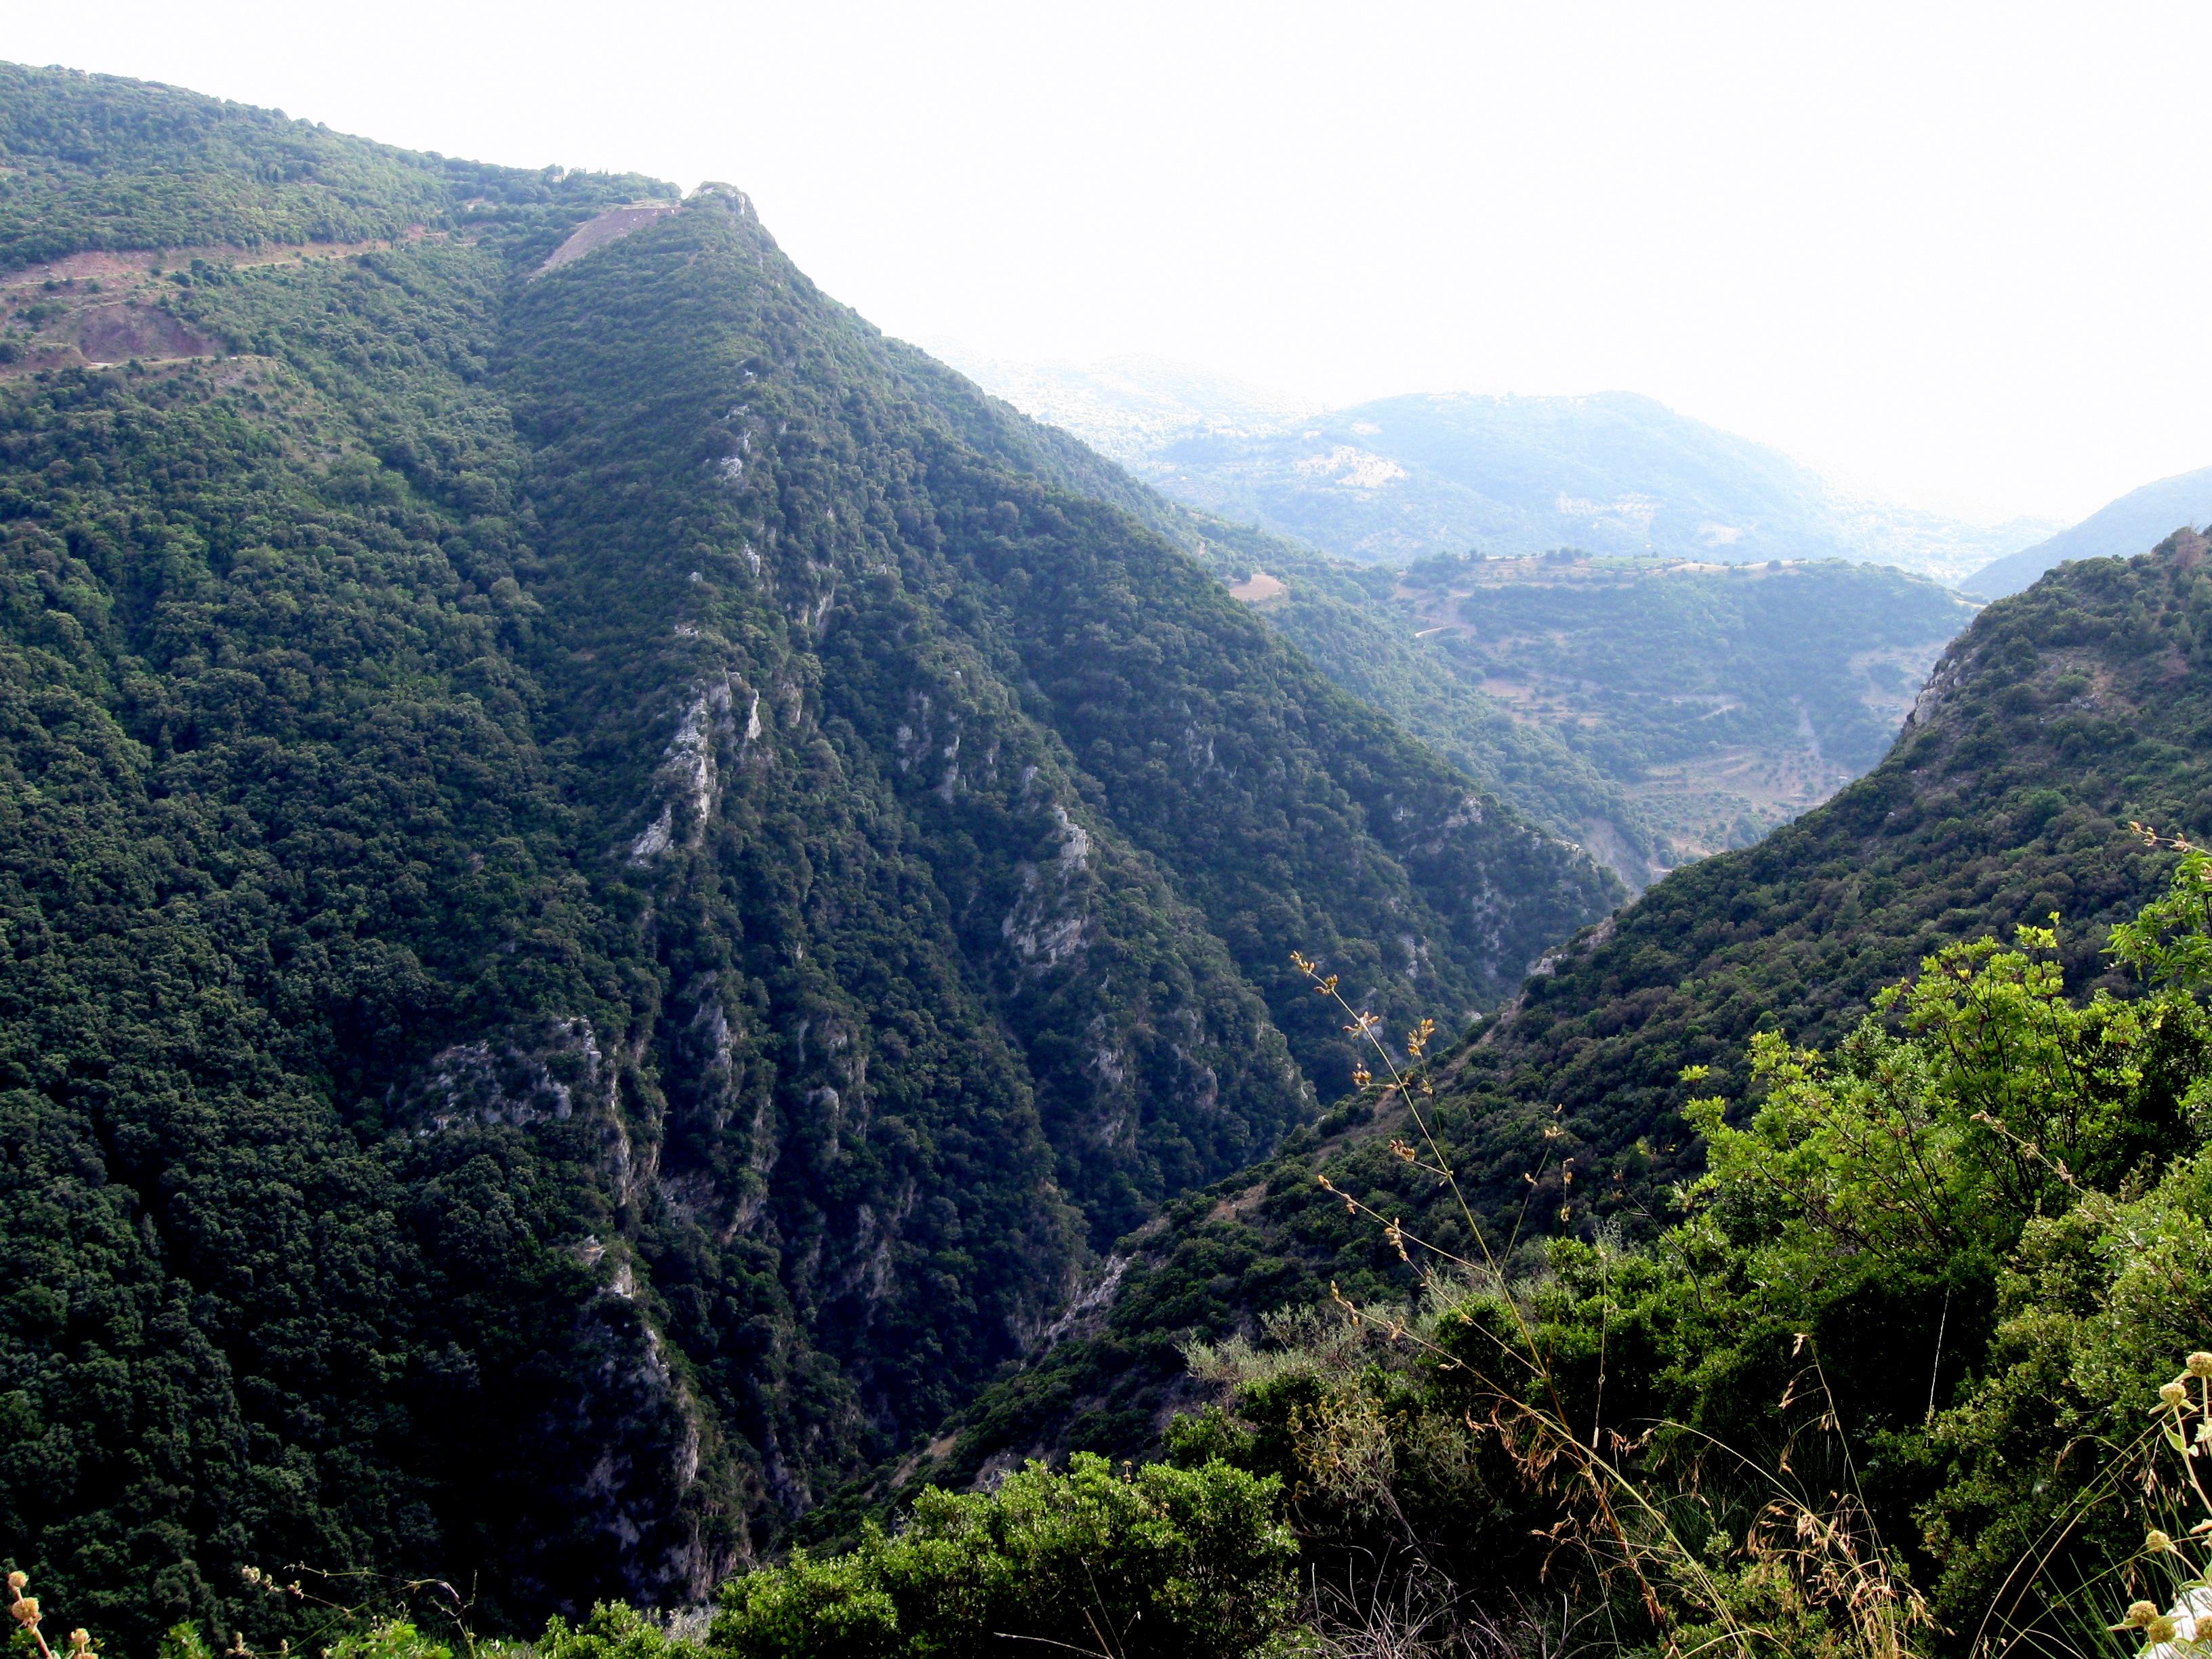 The Neda Gorge